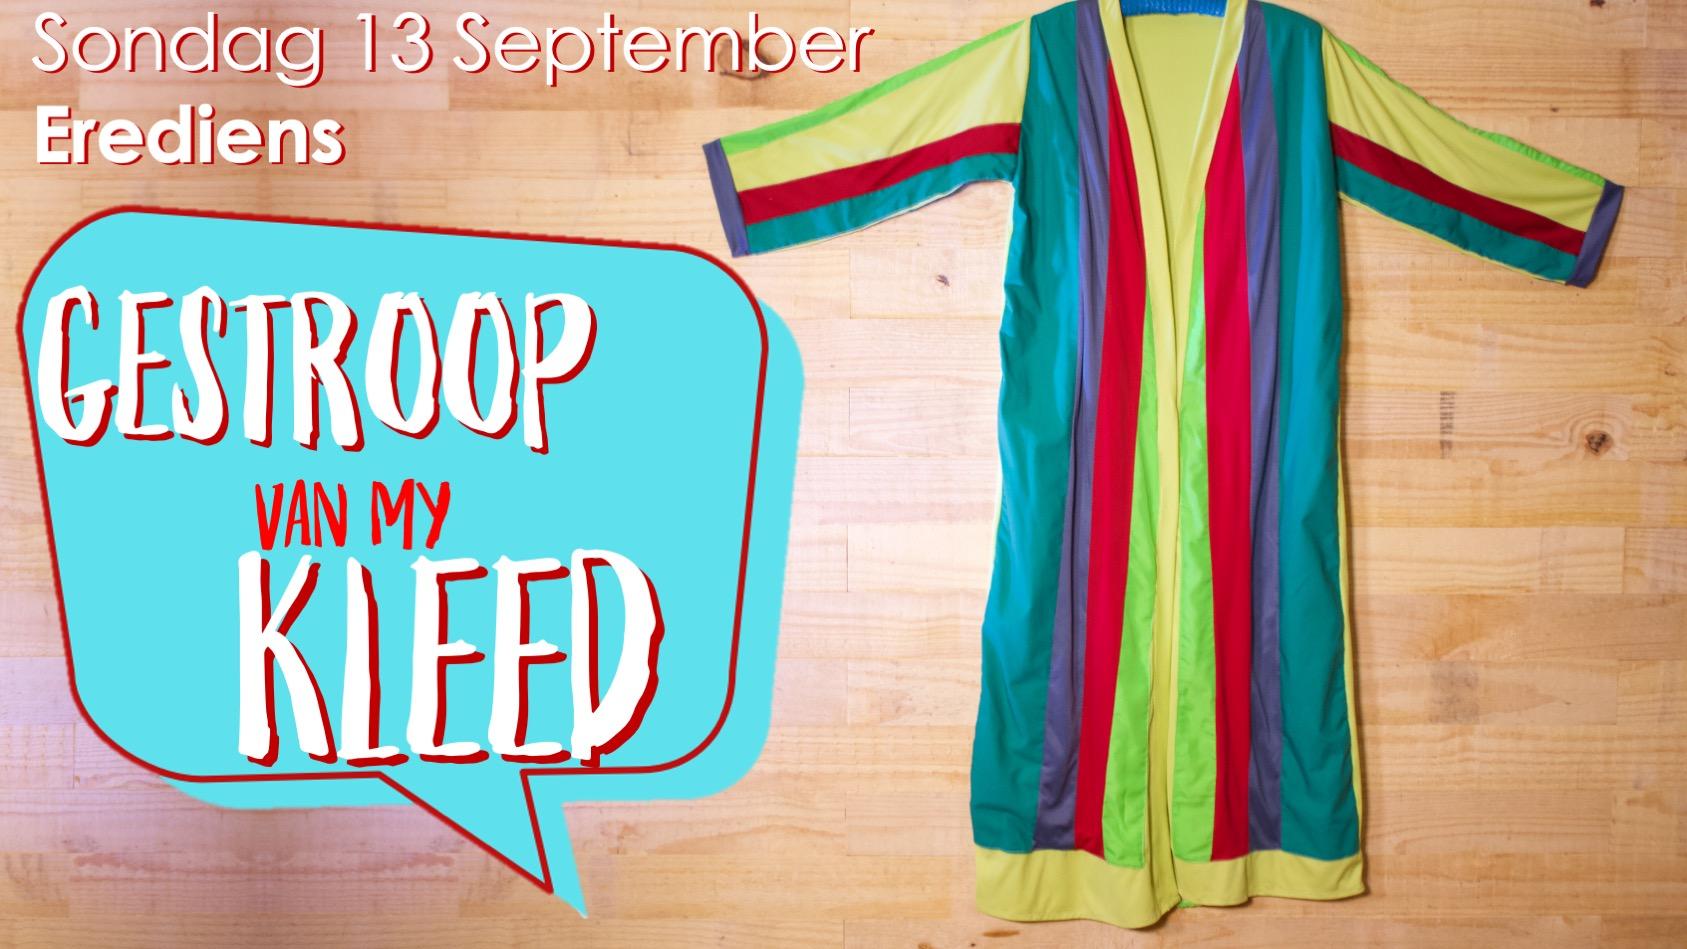 Gestroop van my kleed (13 September)